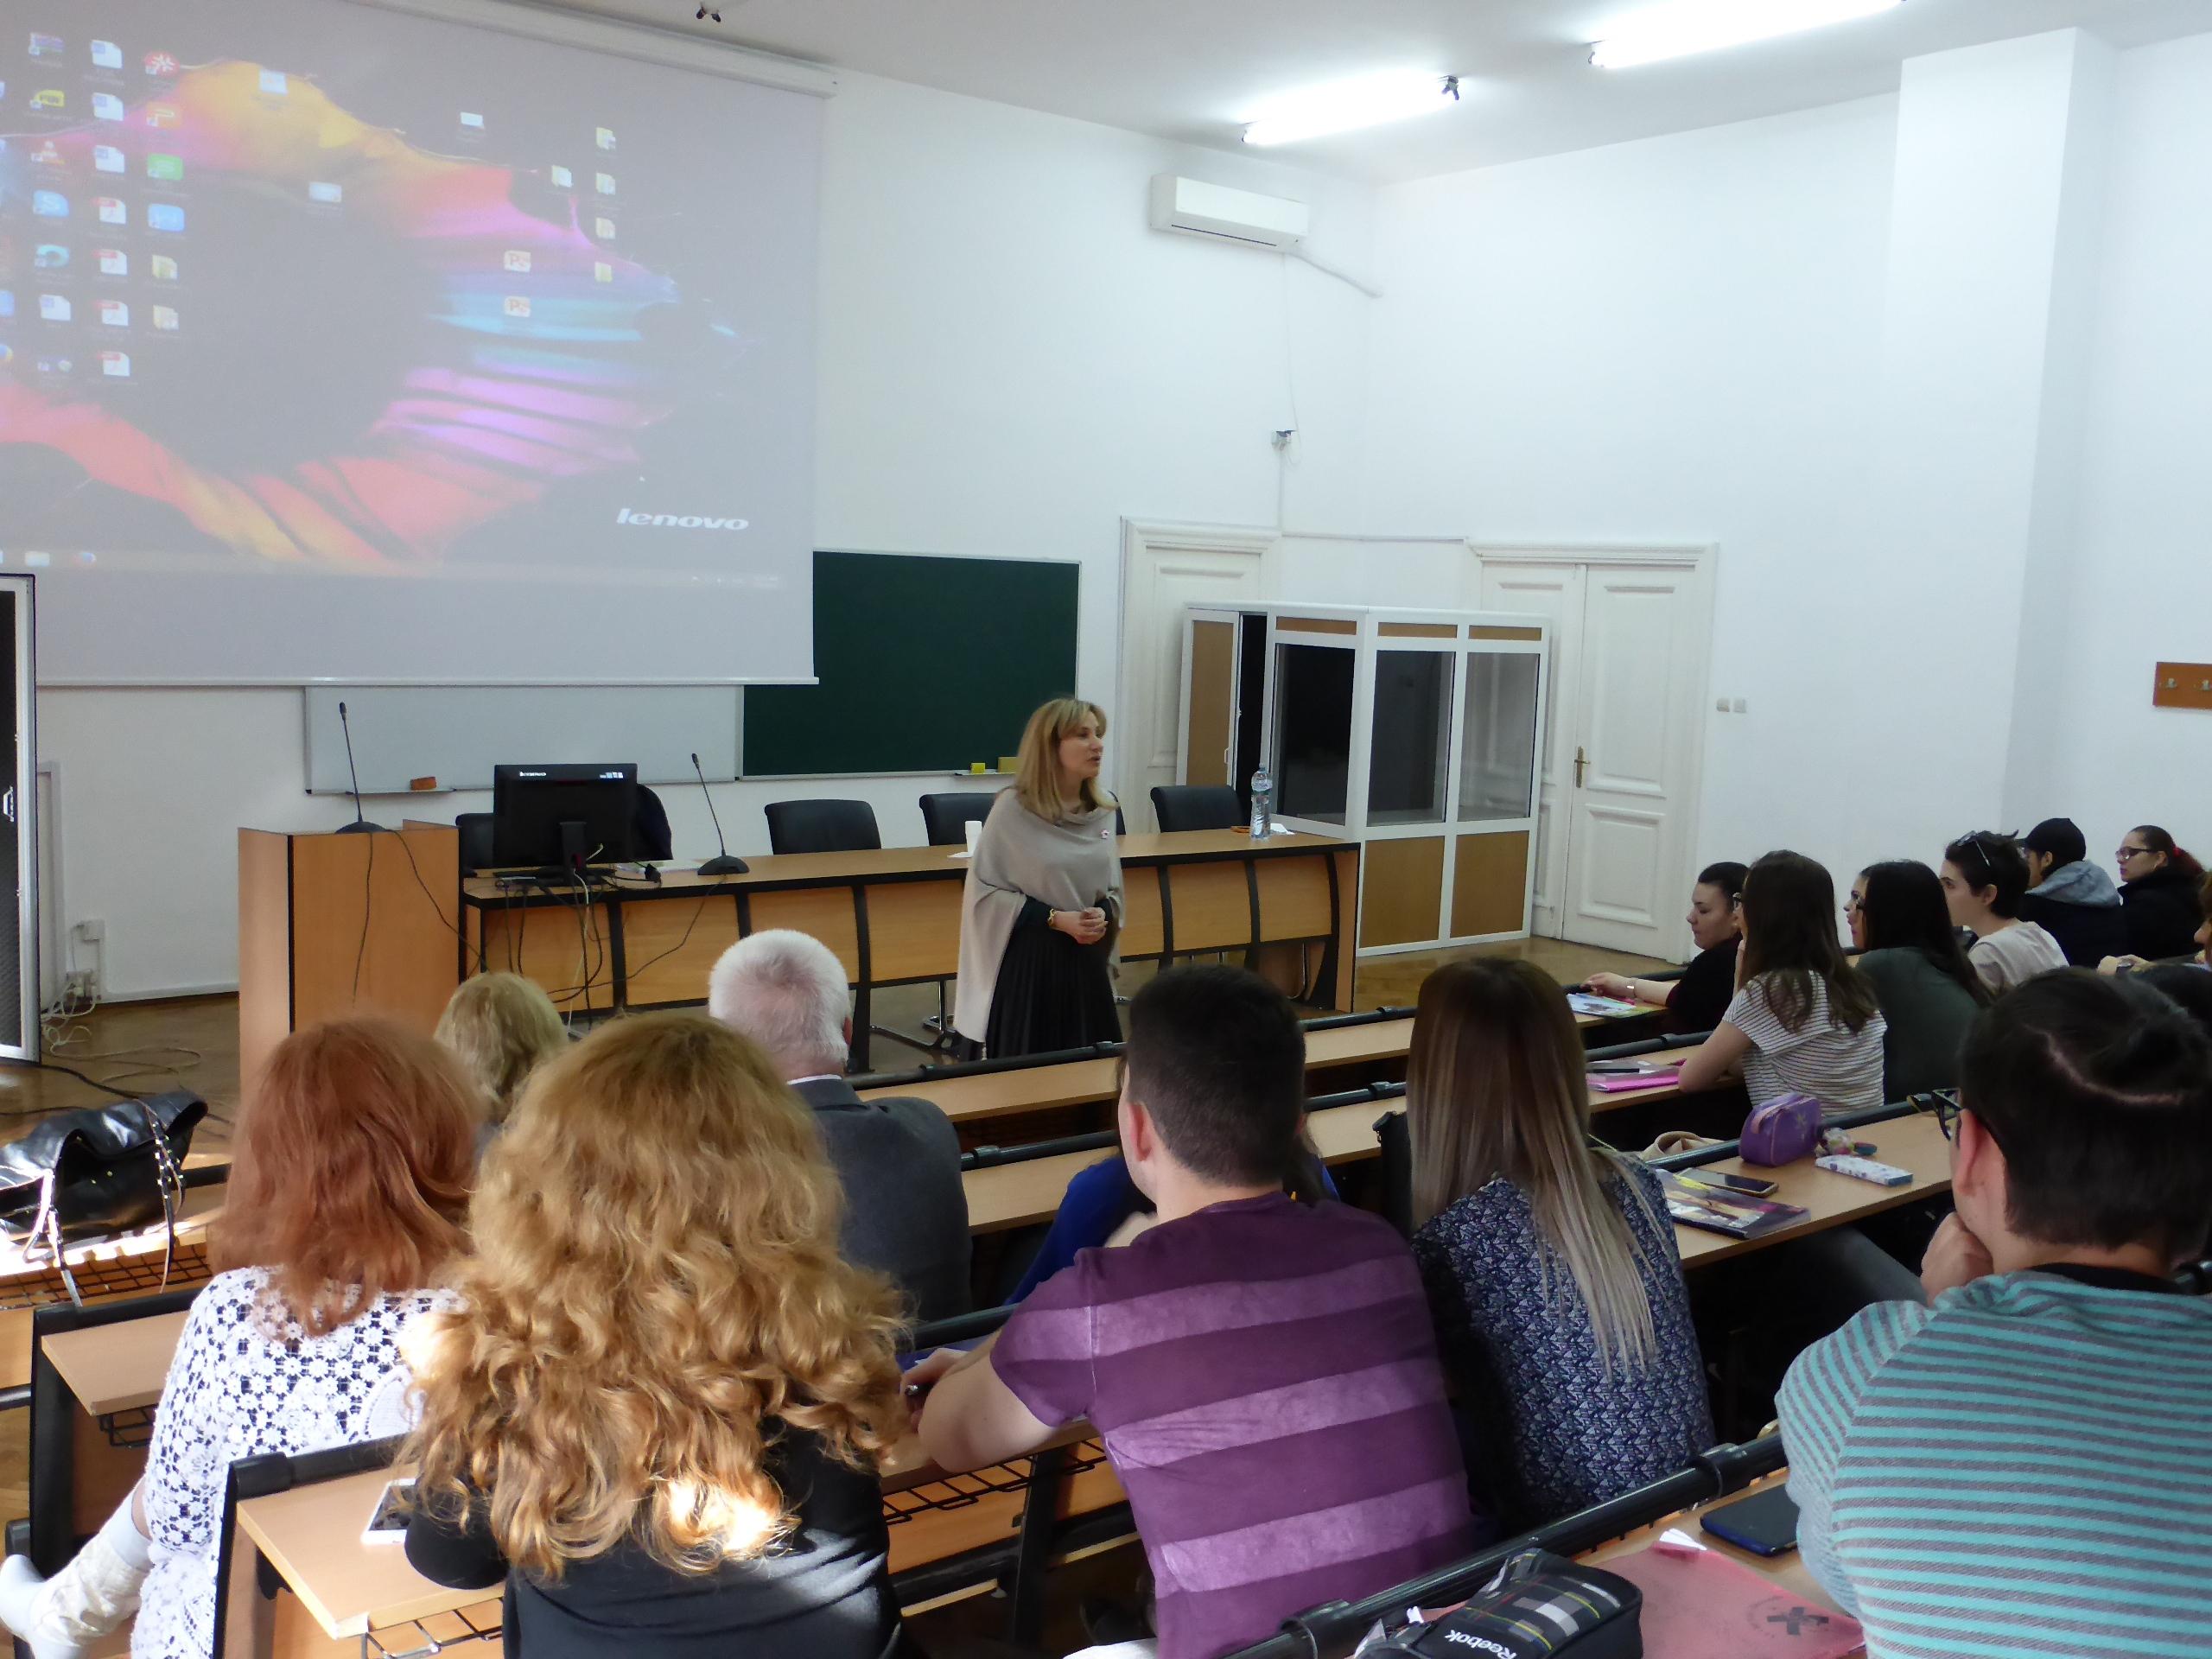 Cursuri gratuite de pregătire pentru Bacalaureat la Facultatea de Istorie – Universitatea din București